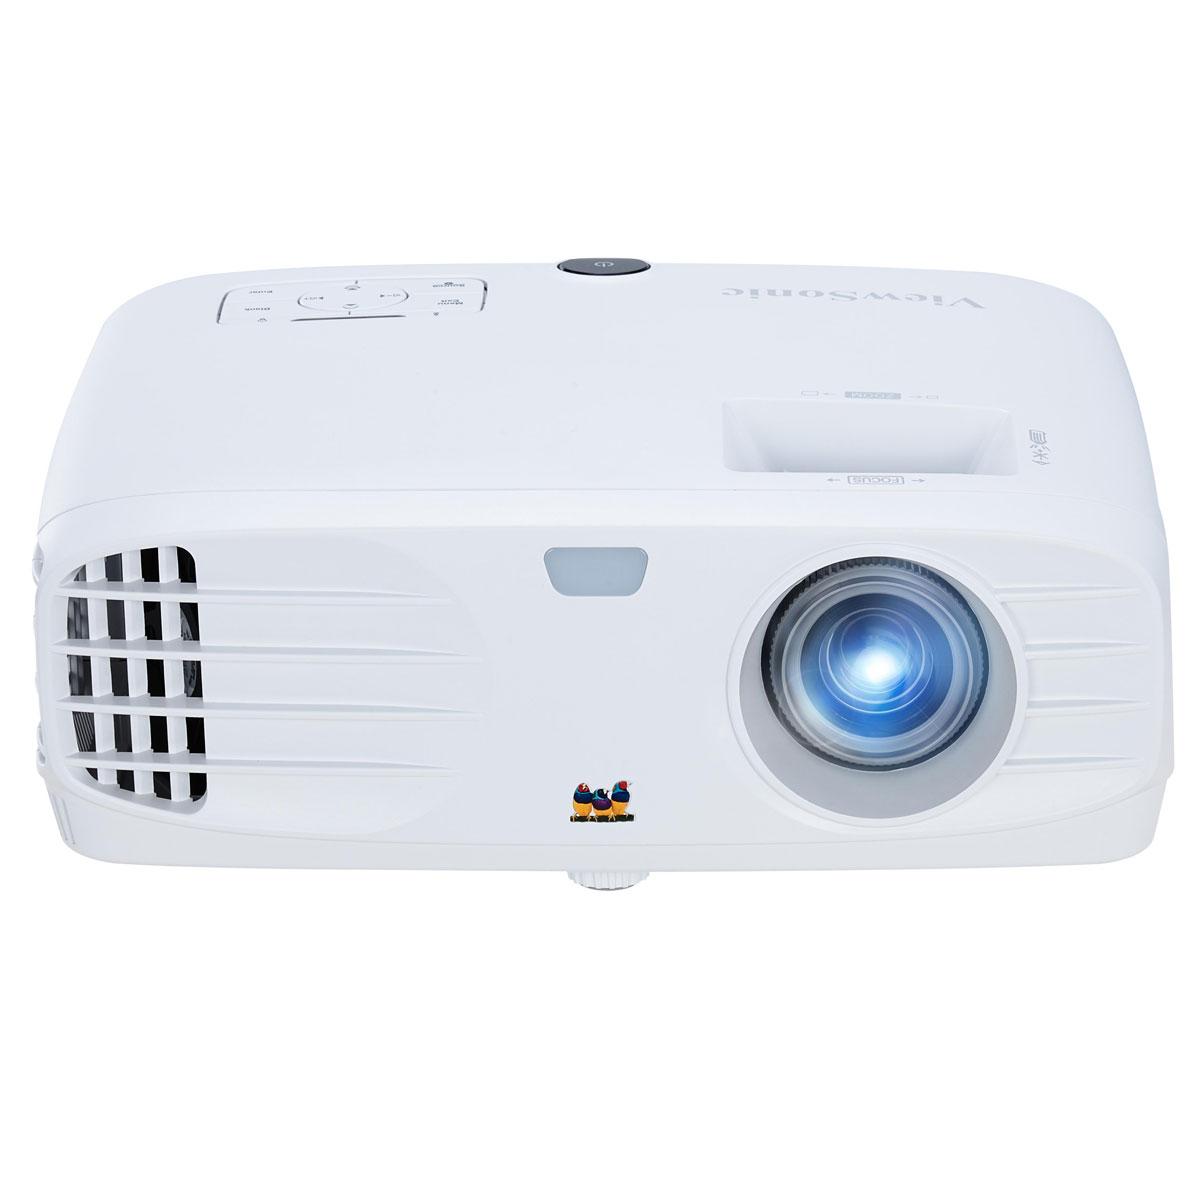 Vidéoprojecteur ViewSonic PG705WU Vidéoprojecteur DLP WUXGA 3D Ready 4000 Lumens HDMI/Ethernet